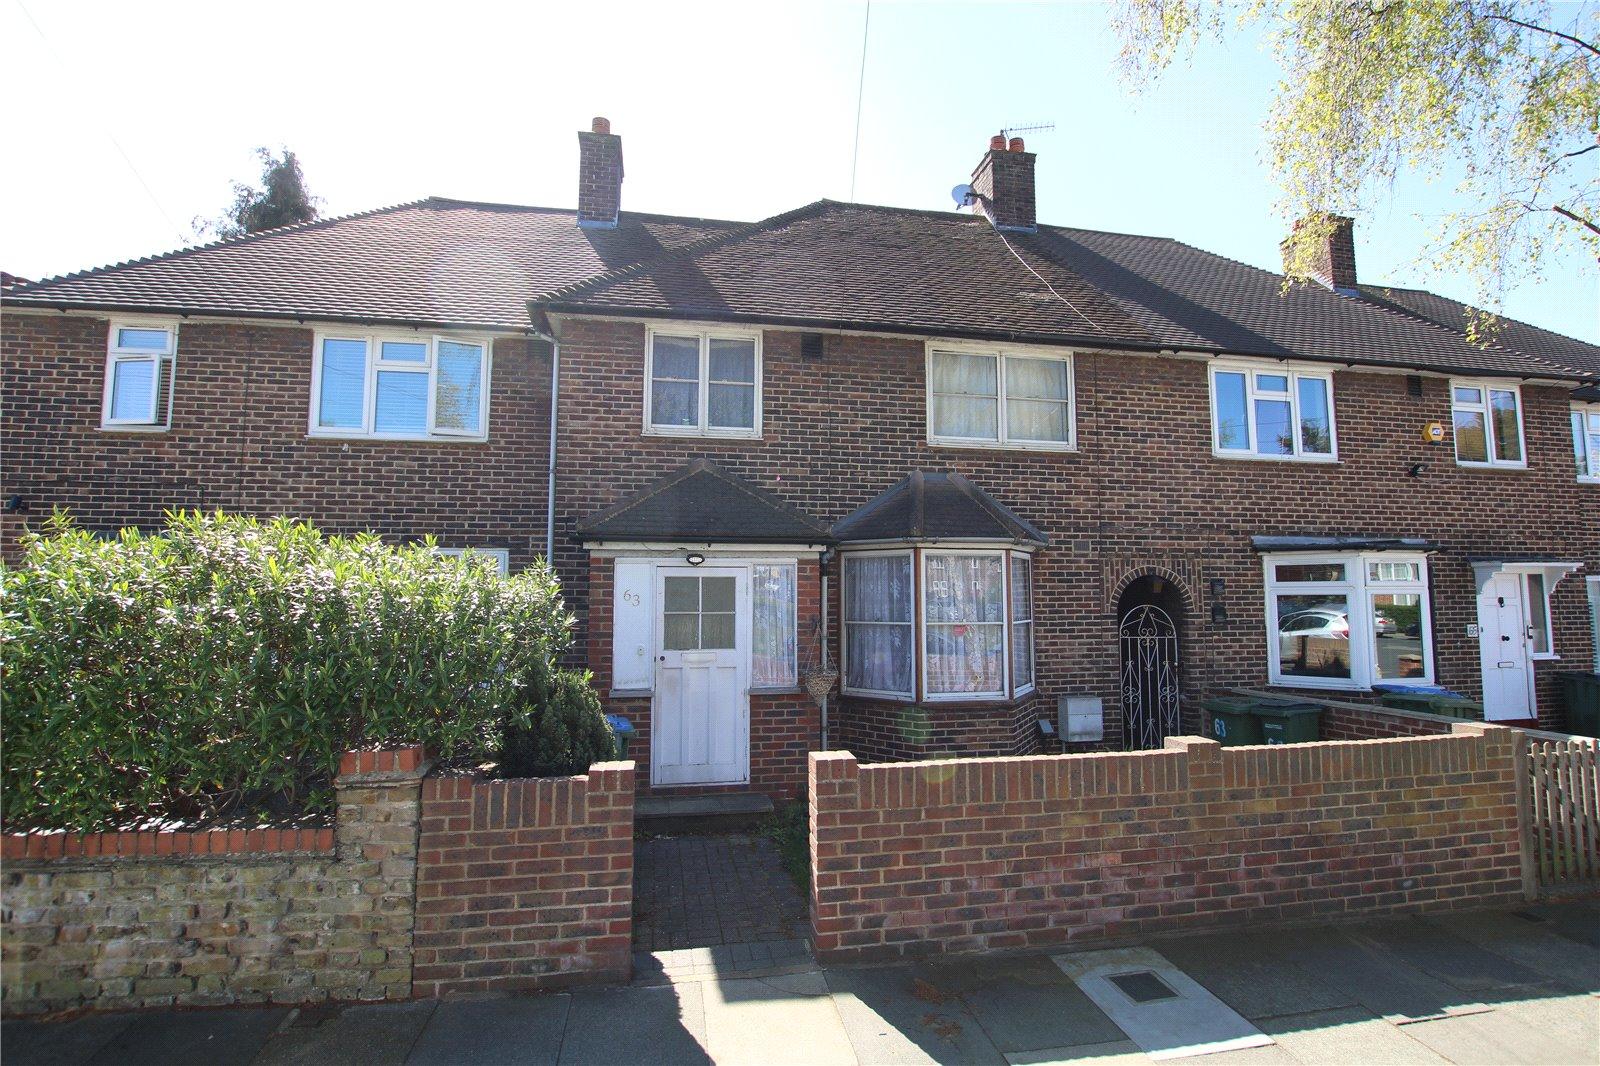 Birdbrook Road, Kidbrooke, London, SE3